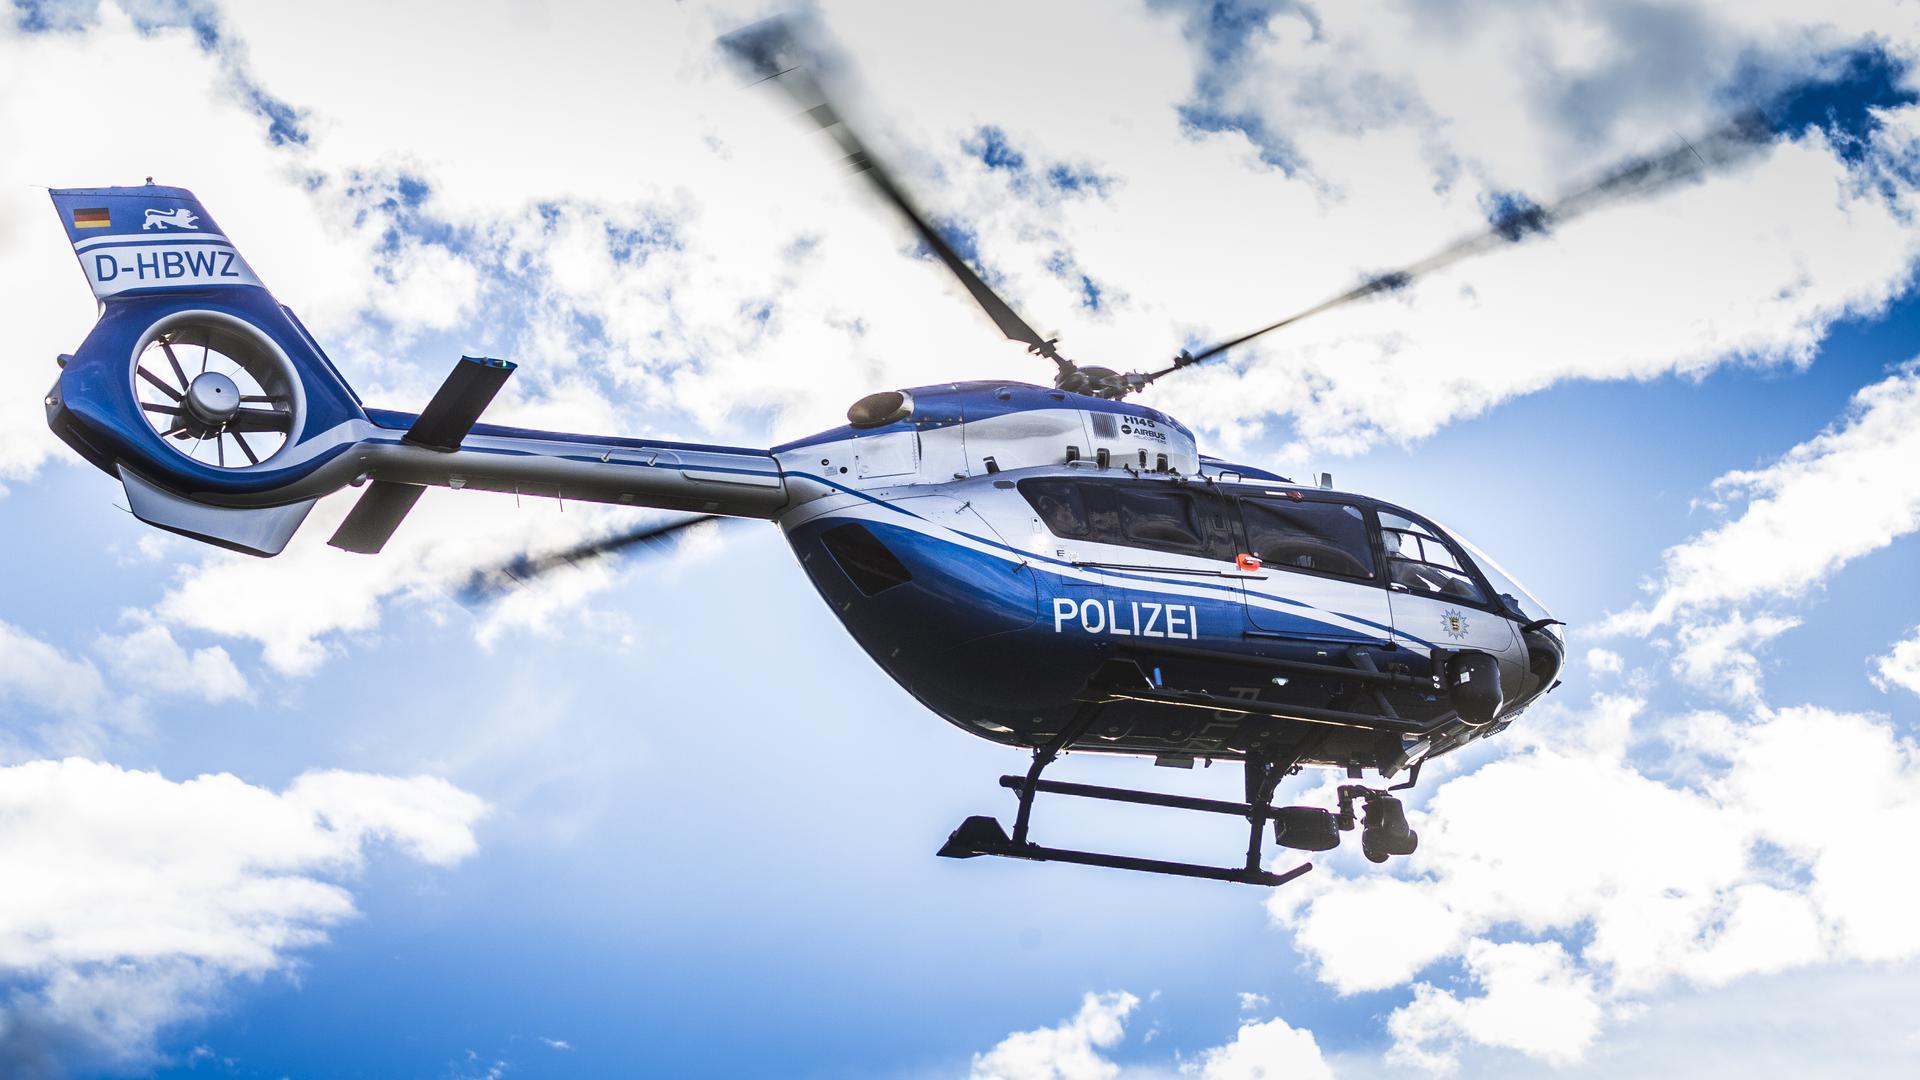 Zieht die Blicke auf sich: Kommt ein Polizeihubschrauber zum Einsatz, suchen die Beamten in der Regel nach vermissten Personen oder flüchtigen Straftätern.